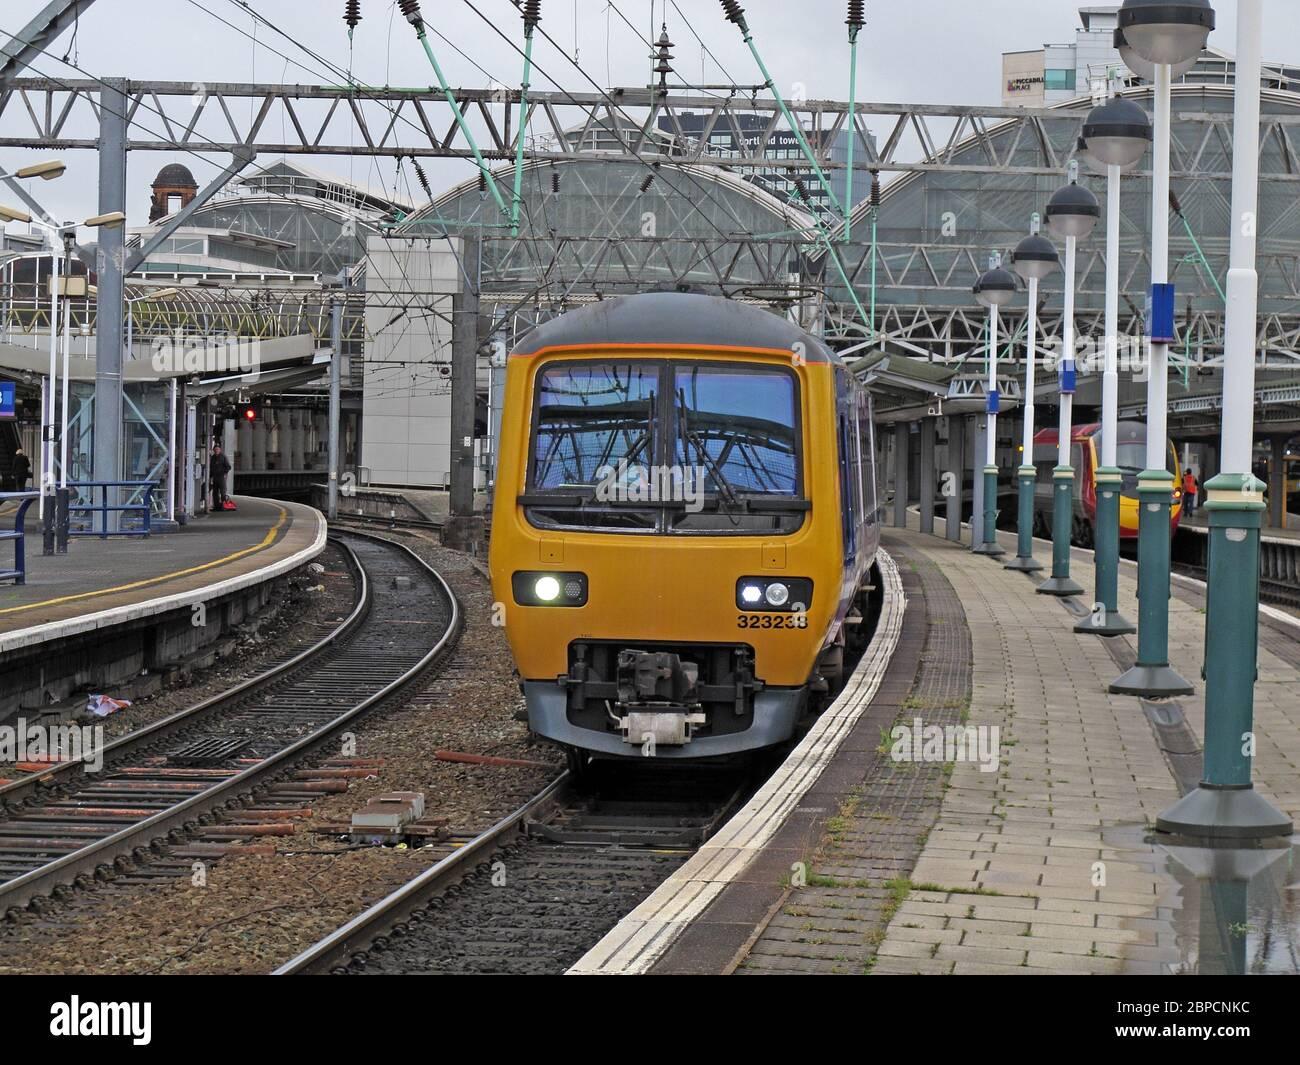 Dieses Stockfoto: EMU 323238 Verlassen Manchester Piccadilly Bahnhof, Lancashire, England, Großbritannien - 2BPCNK